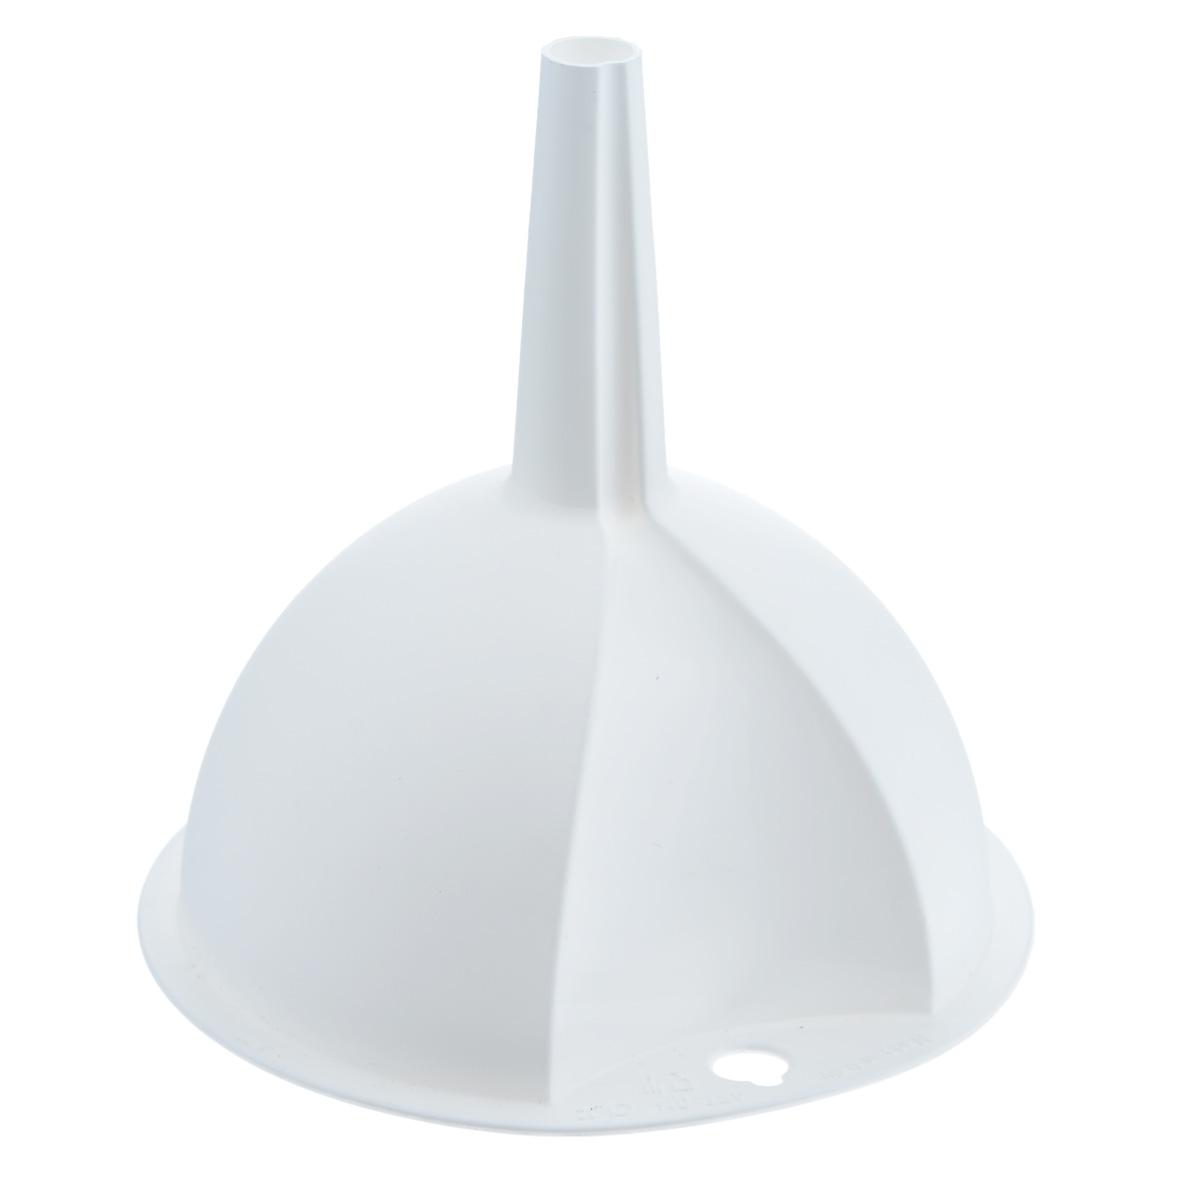 Воронка Metaltex, цвет: белый, диаметр 12 см18.40.12Воронка Metaltex, выполненная из пластика, станет незаменимым аксессуаром на вашей кухне. Воронка плотно прилегает к краям наполняемой емкости, и вы не прольете ни капли мимо. Она отлично послужит для переливания жидкостей в сосуд с узким горлышком. Диаметр воронки:12 см. Высота ножки: 6 см.